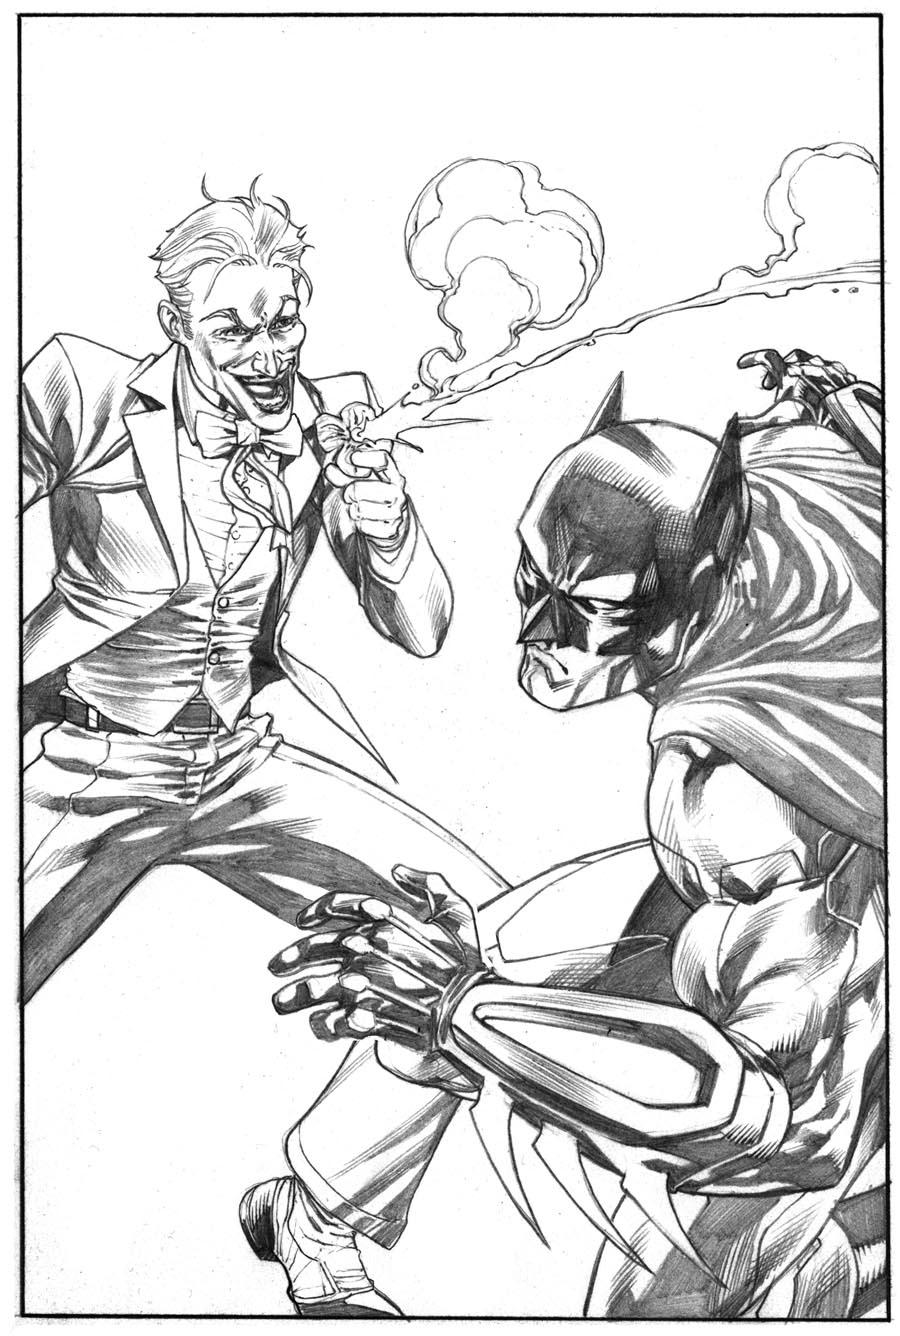 900x1336 Daily Sketch Batman Vs. Joker . Robert Atkins Art